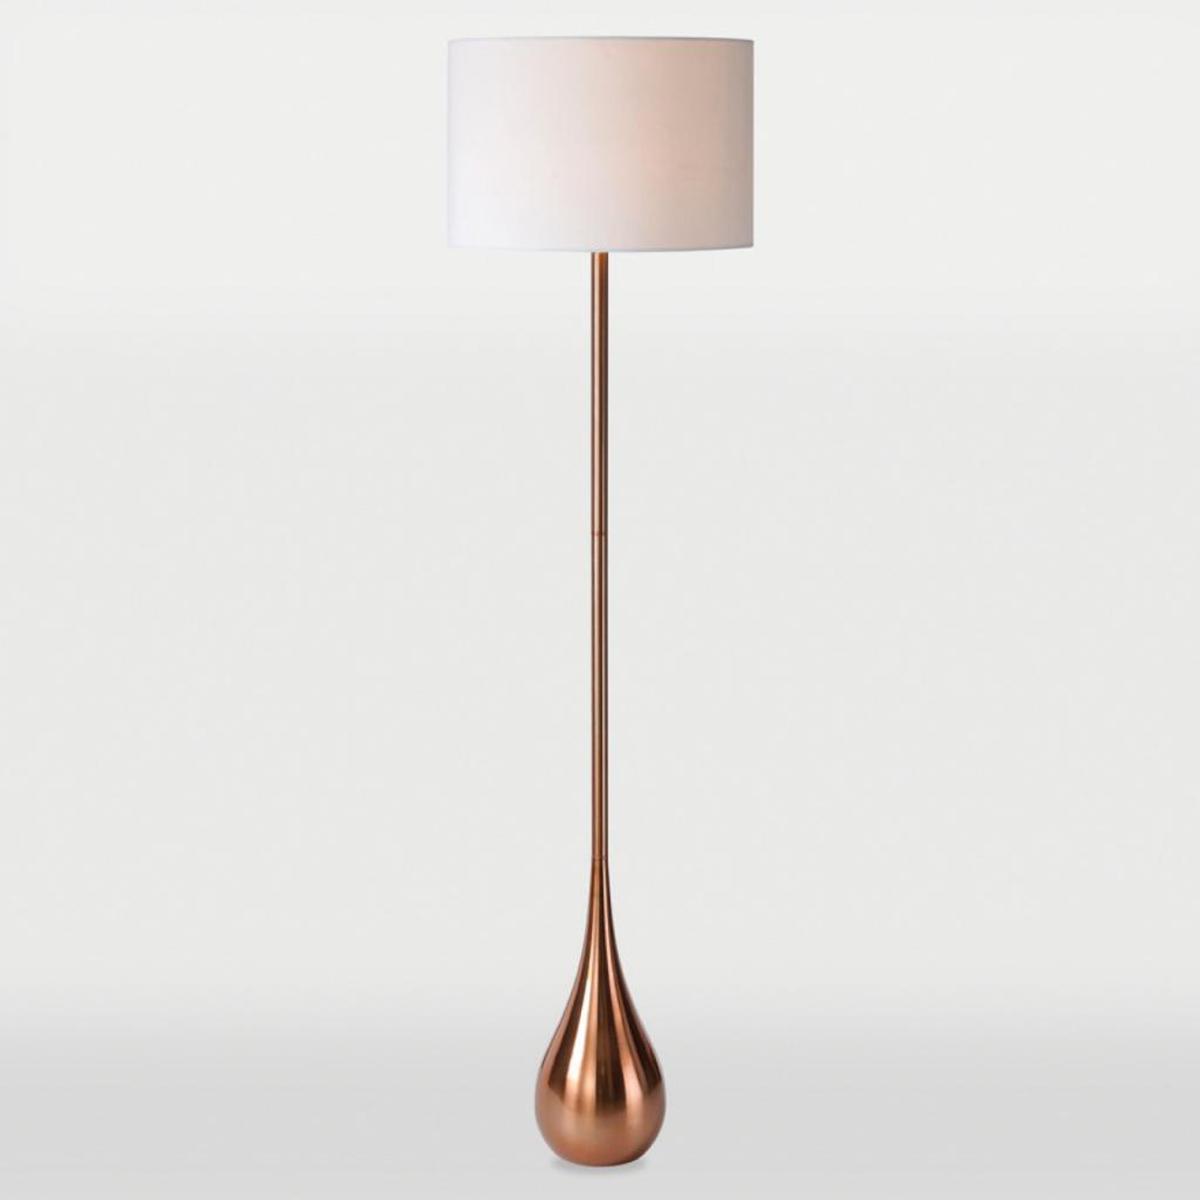 Ren-Wil Pandora Floor Lamp - Copper LPF571